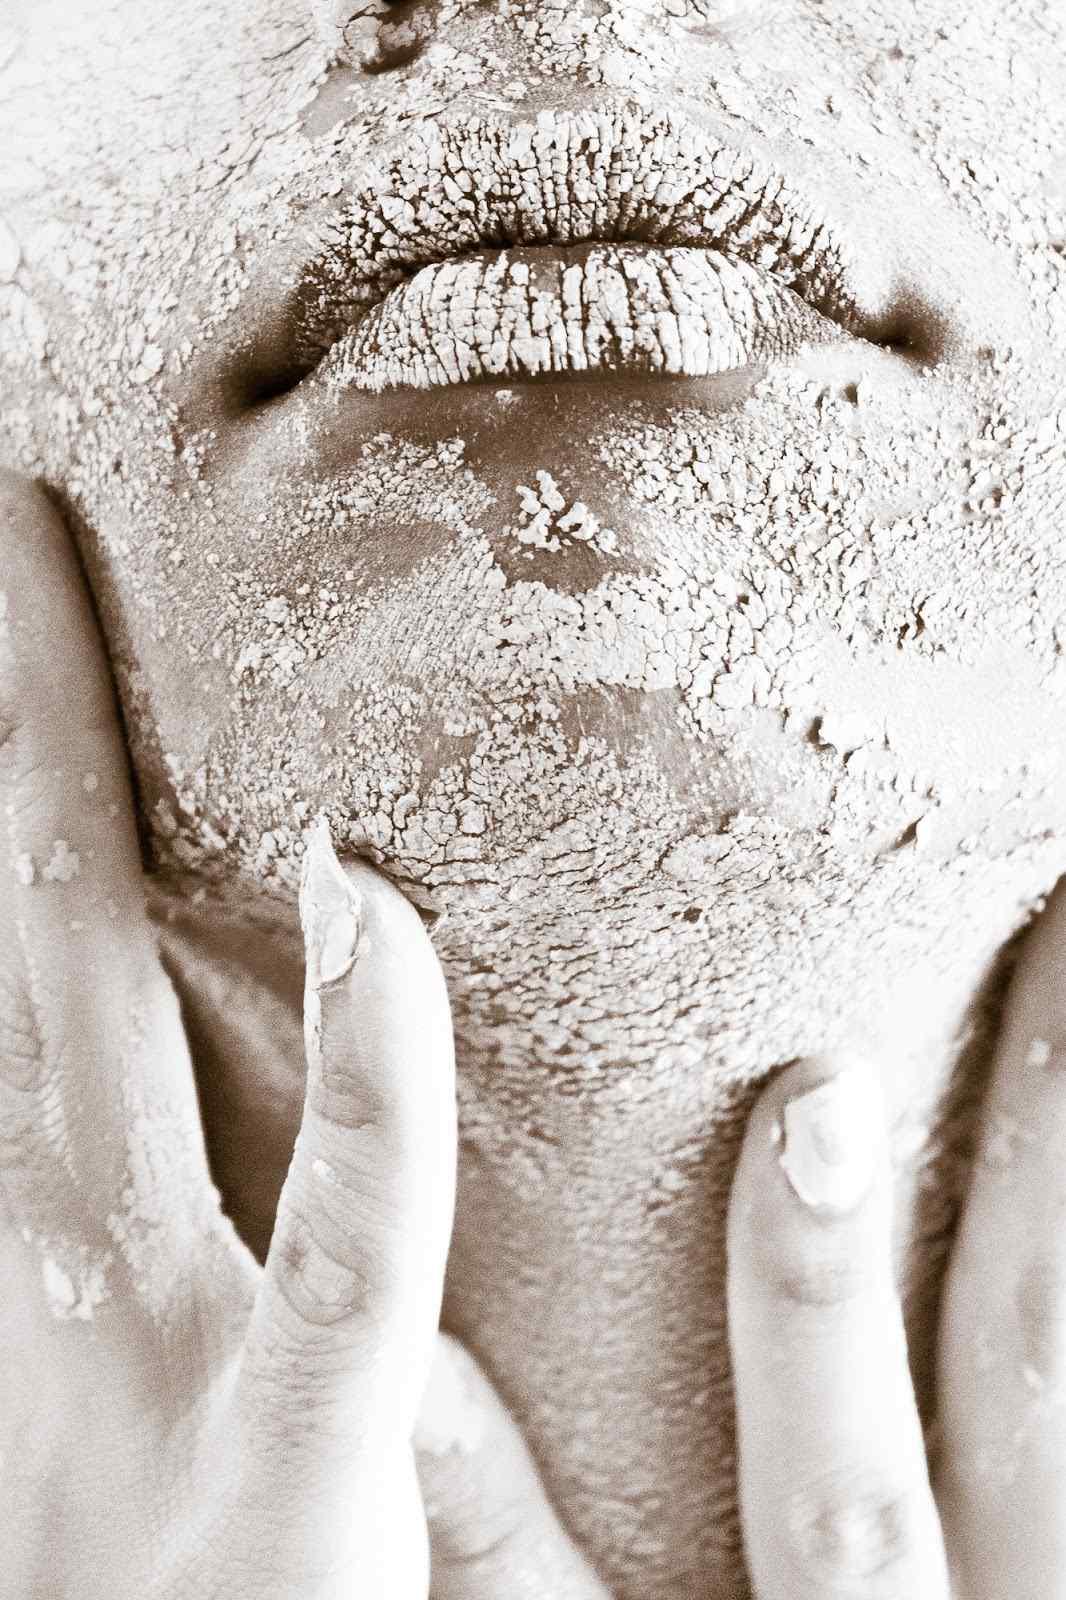 ازالة الشعر من الوجه,وصفات للشعر,ازالة الشعر,خلطة,وصفات,ازالة الشعر بدون الم,وصفة,ازالة الشعر نهائيا,خلطة تبيض الوجه,تبييض الوجه,قناع,جمال,خلطات,تبييض الجسم,نزع الشعر,ماسك,الوجه,شعر,وصفات لتبييض الوجه,وصفات لتبيض الوجه,تساقط الشعر,خلطات لشعر الوجه